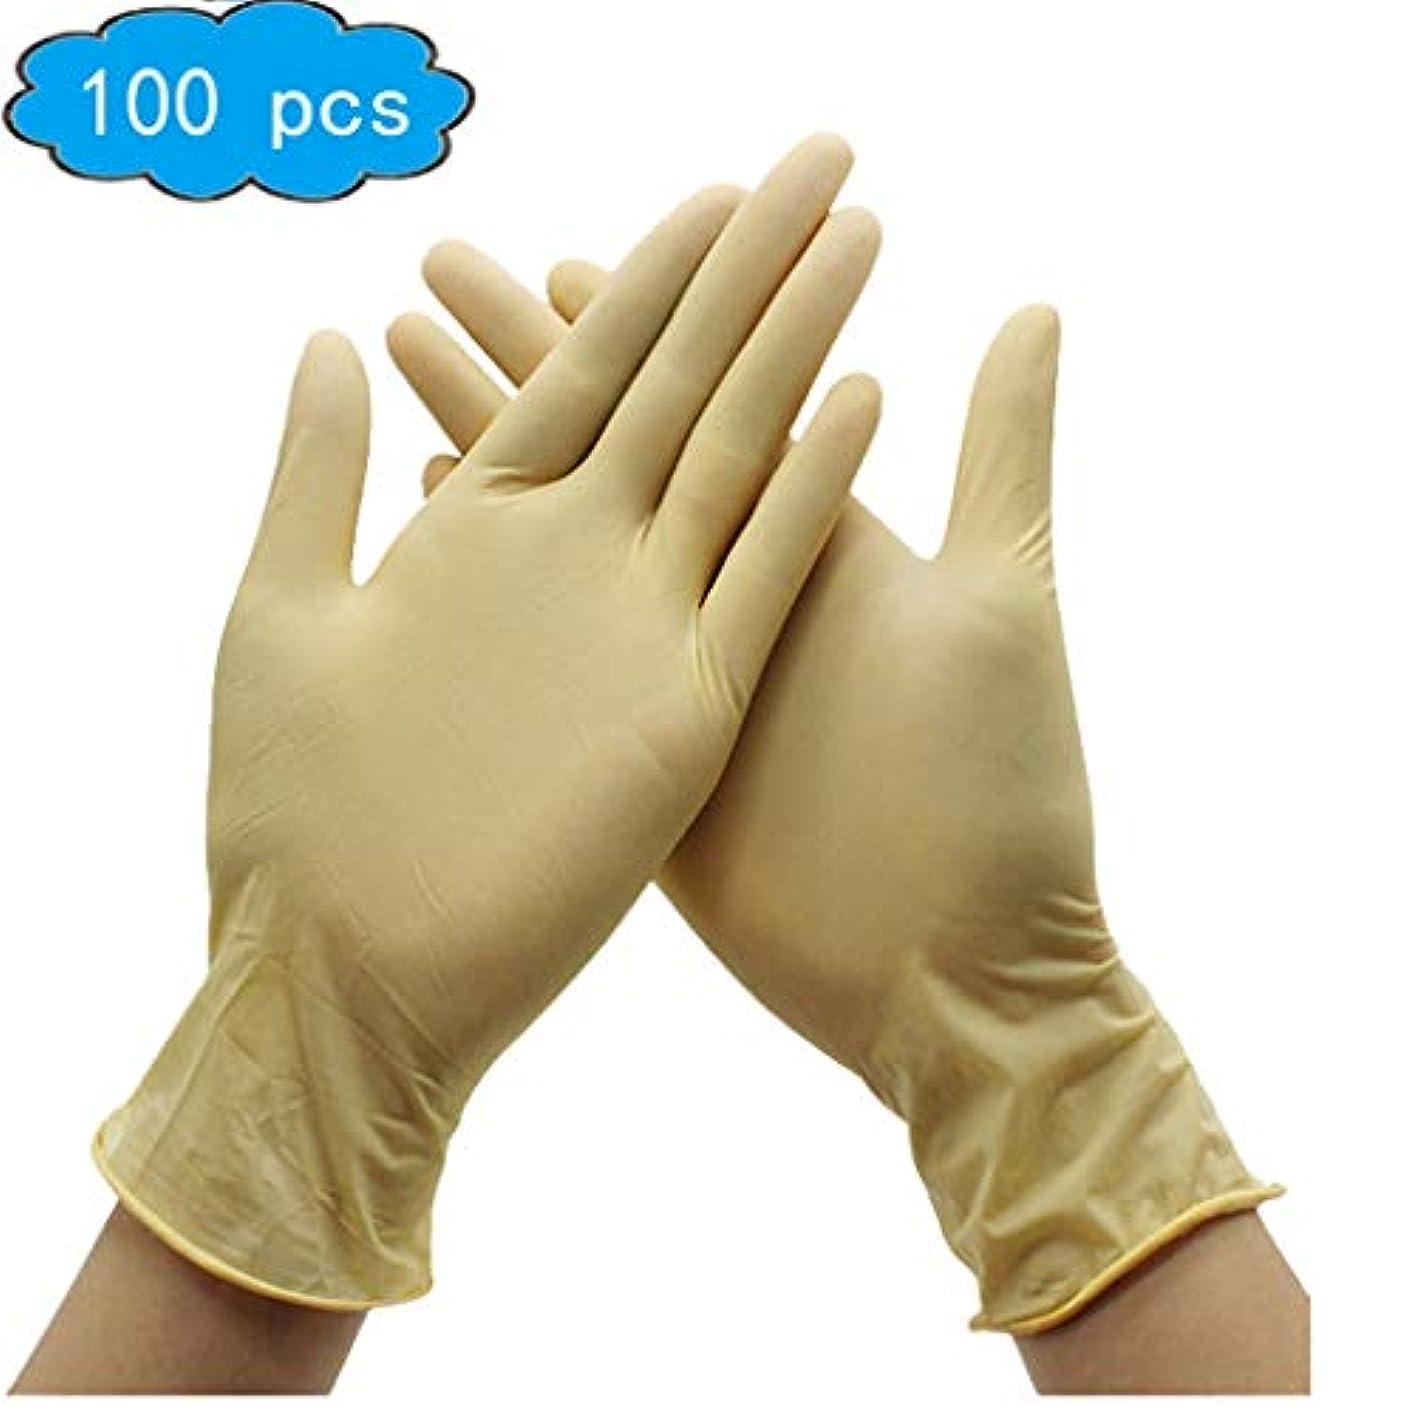 病的重量地区ラテックス手袋、試験/食品グレードの安全製品、使い捨て手袋および手袋Dispensers 100psc、衛生手袋、健康、家庭用ベビーケア (Color : Beige, Size : L)